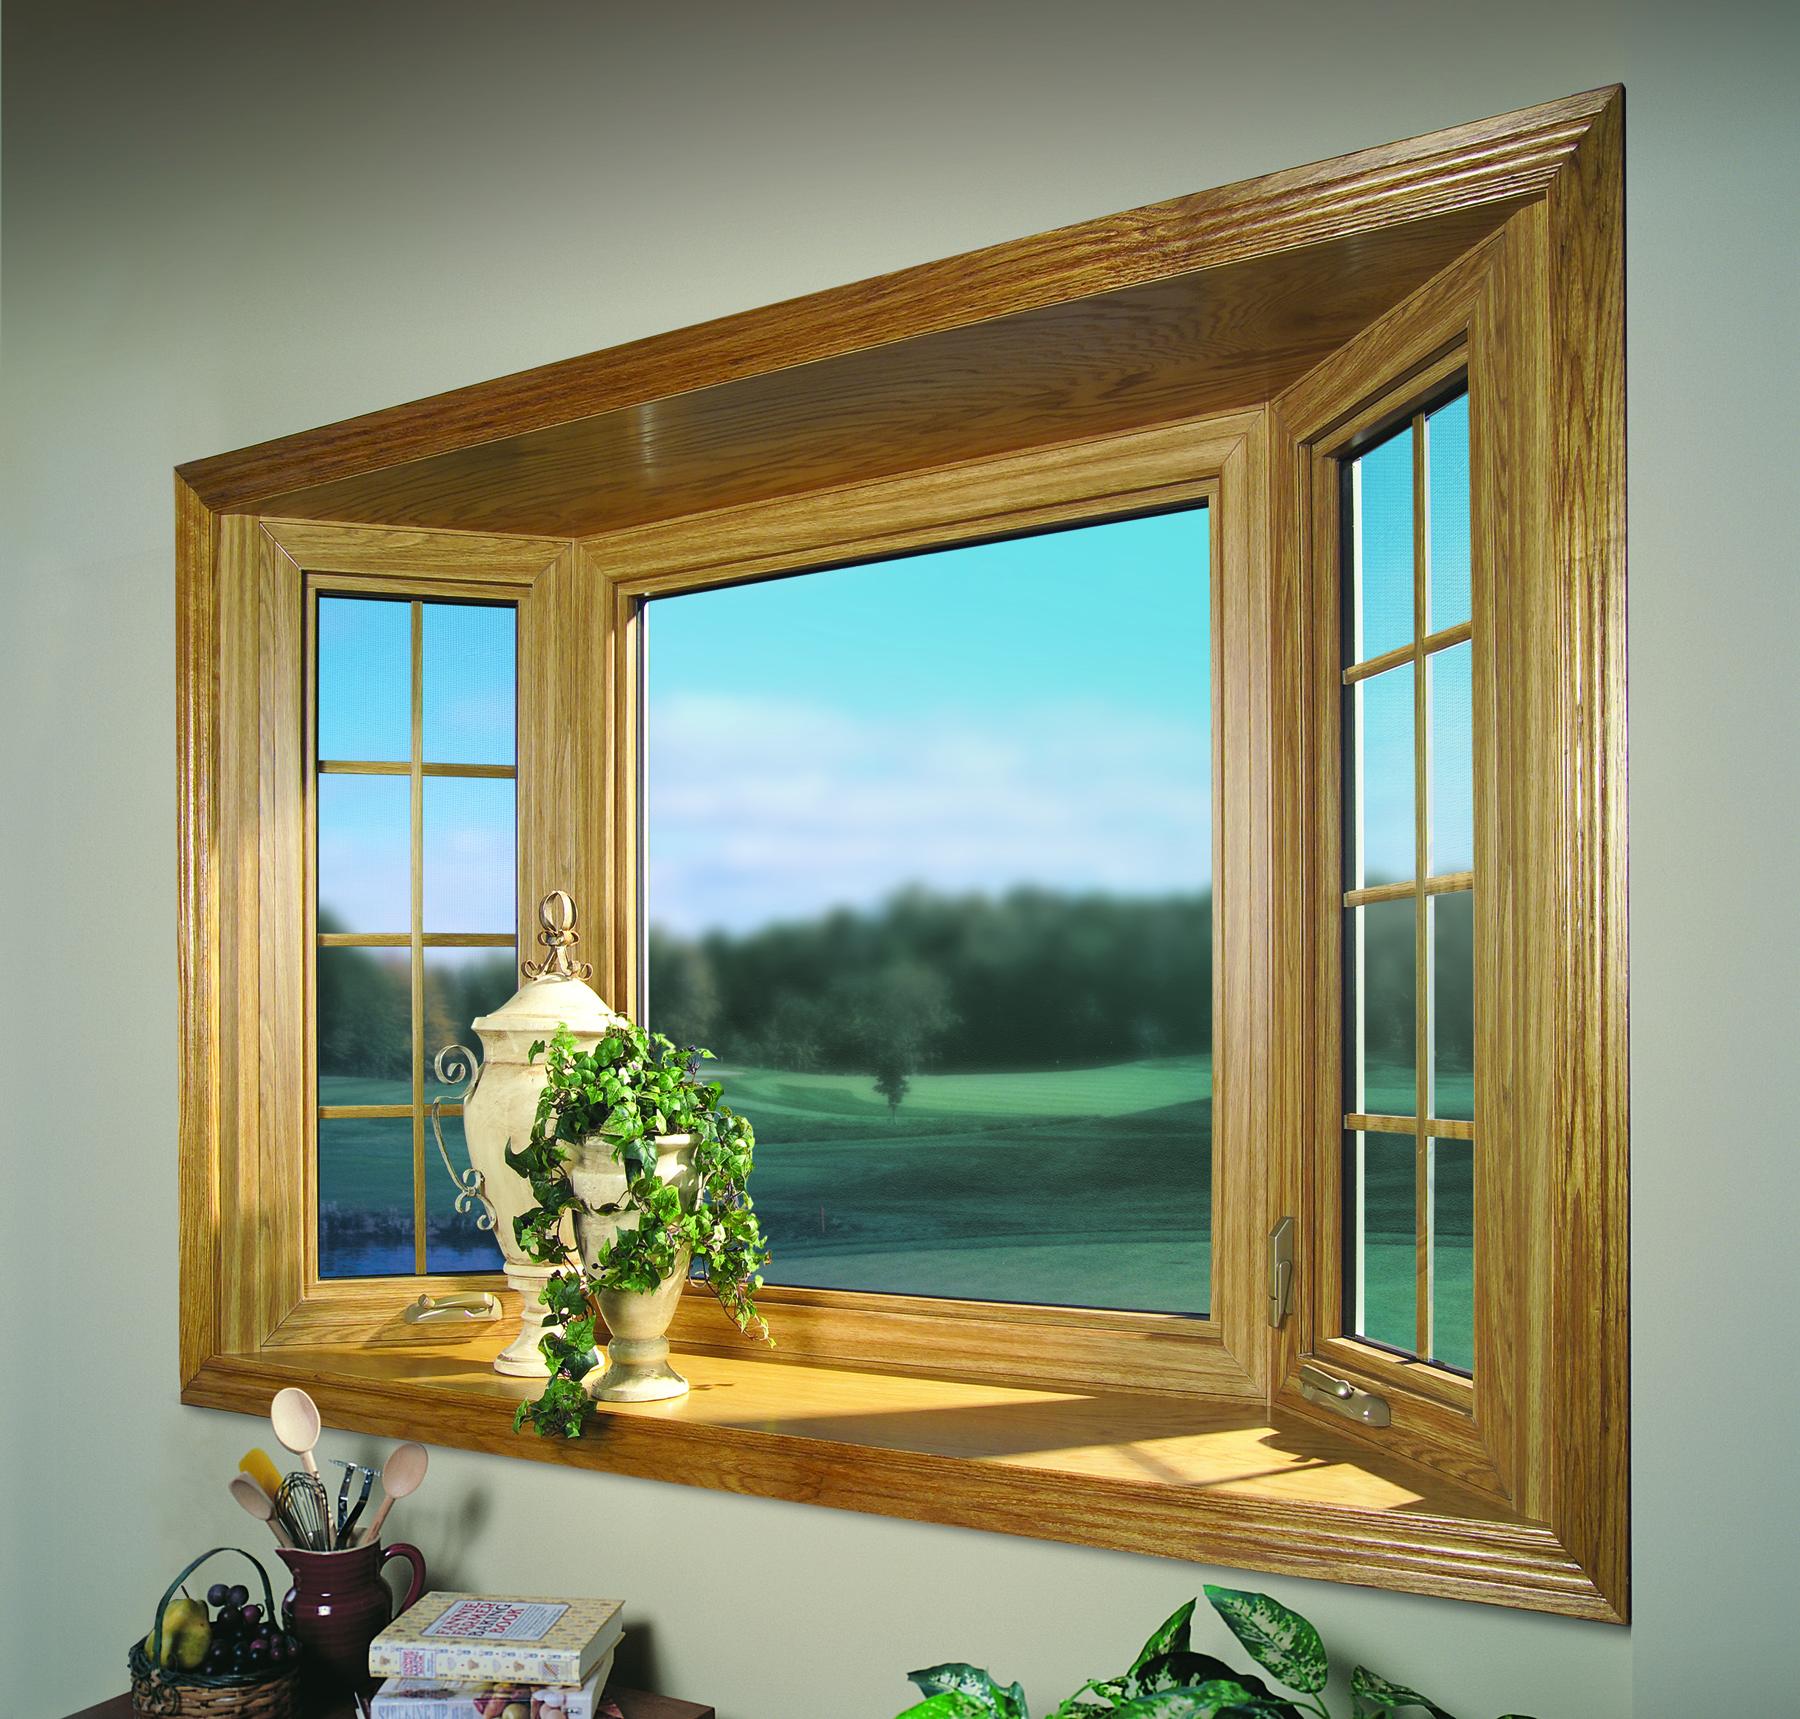 & Loewen Window Centre | North Star Windows